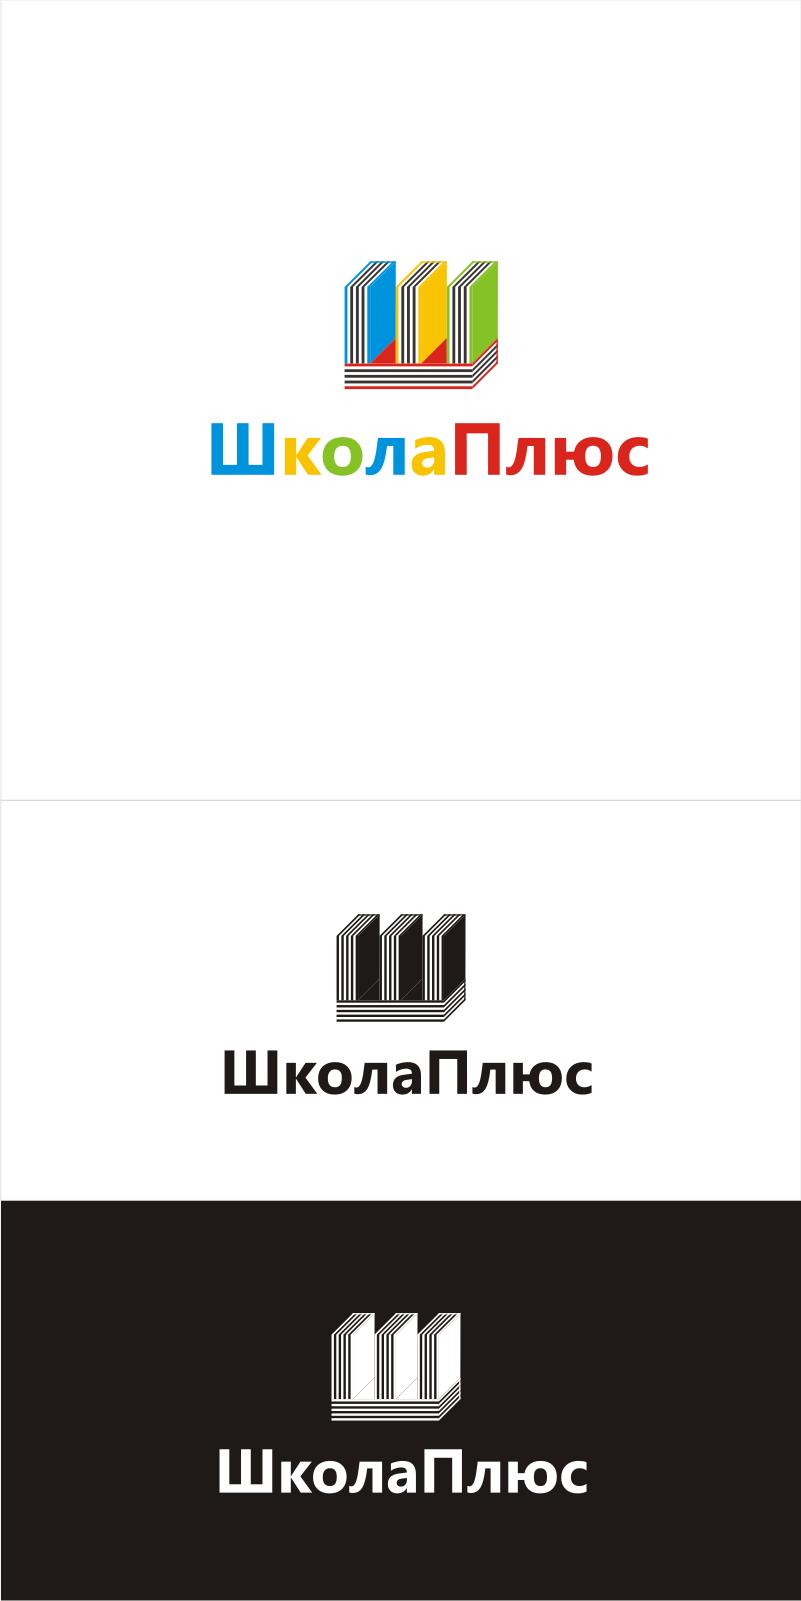 Разработка логотипа и пары элементов фирменного стиля фото f_4dad2fffc7849.png